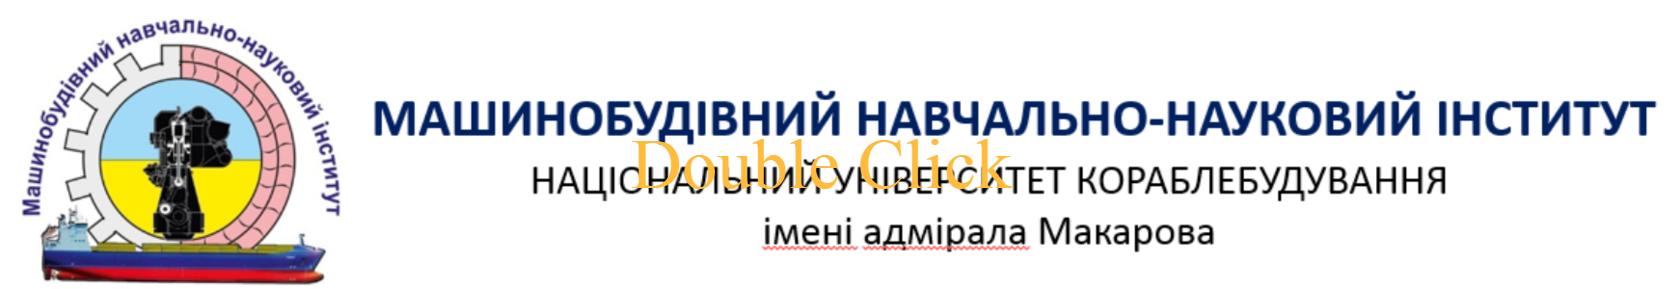 Машинобудівний навчально-науковий інститут НАЦІОНАЛЬНИЙ УНІВЕРСИТЕТ КОРАБЛЕБУДУВАННЯ імені адмірала Макарова